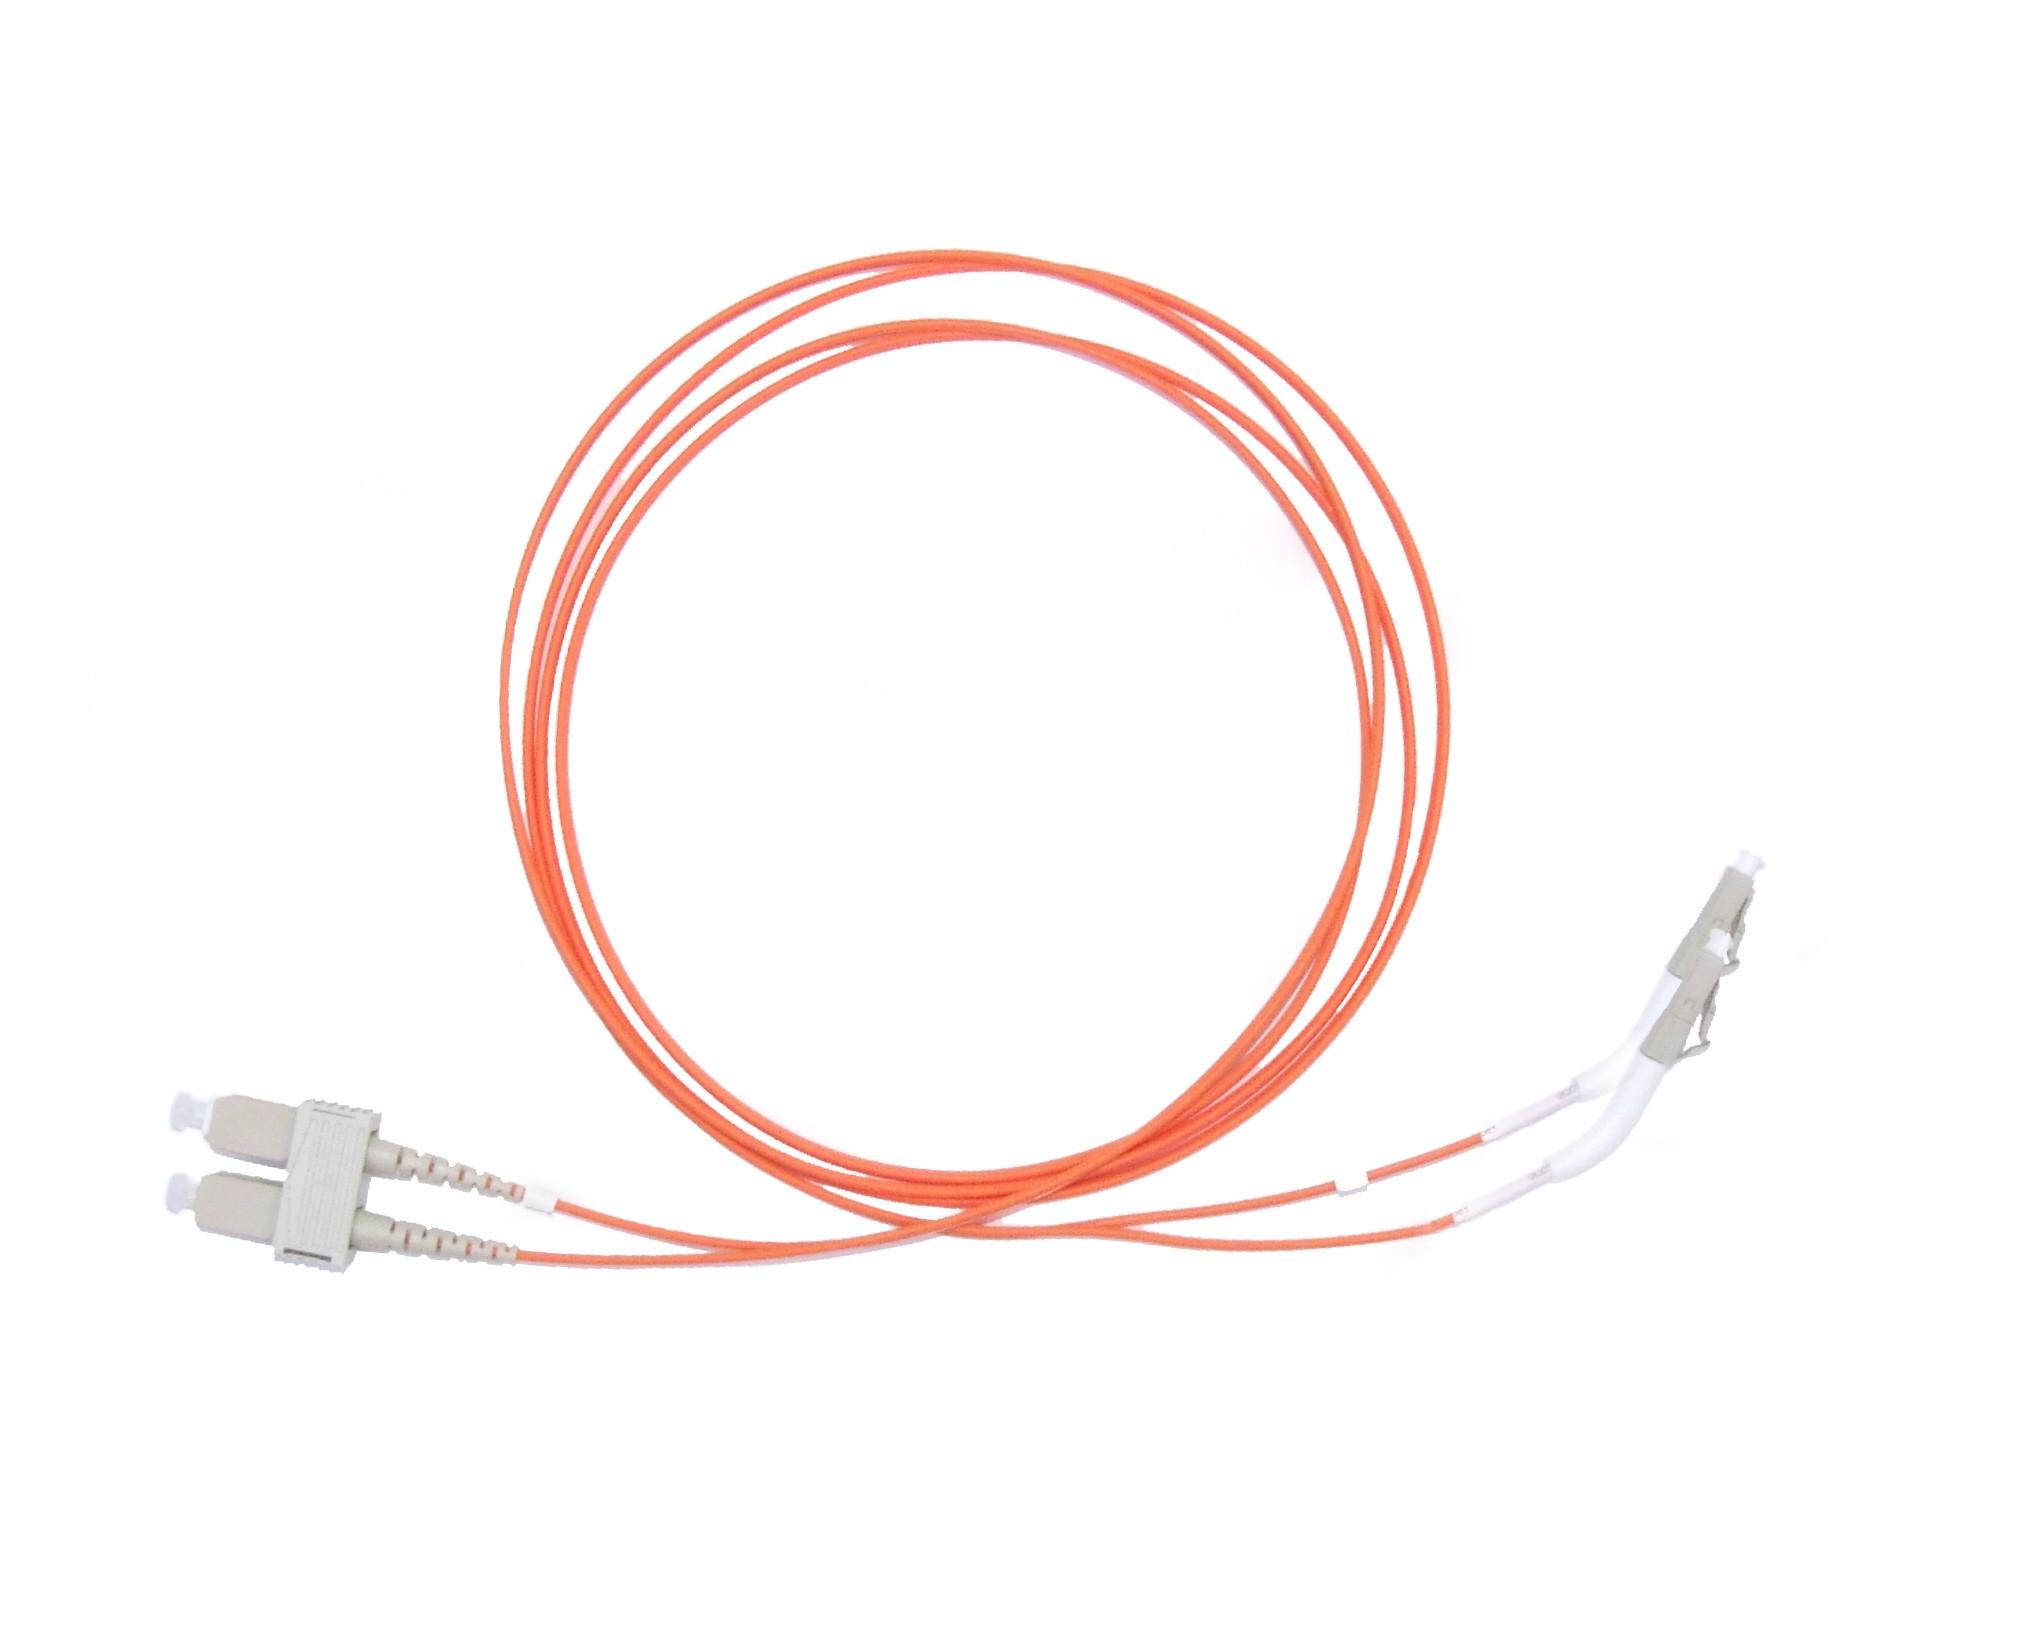 LC 45 deg boot - SC Multimode fibre patch cable 62.5/125 OM1 Duplex 7m